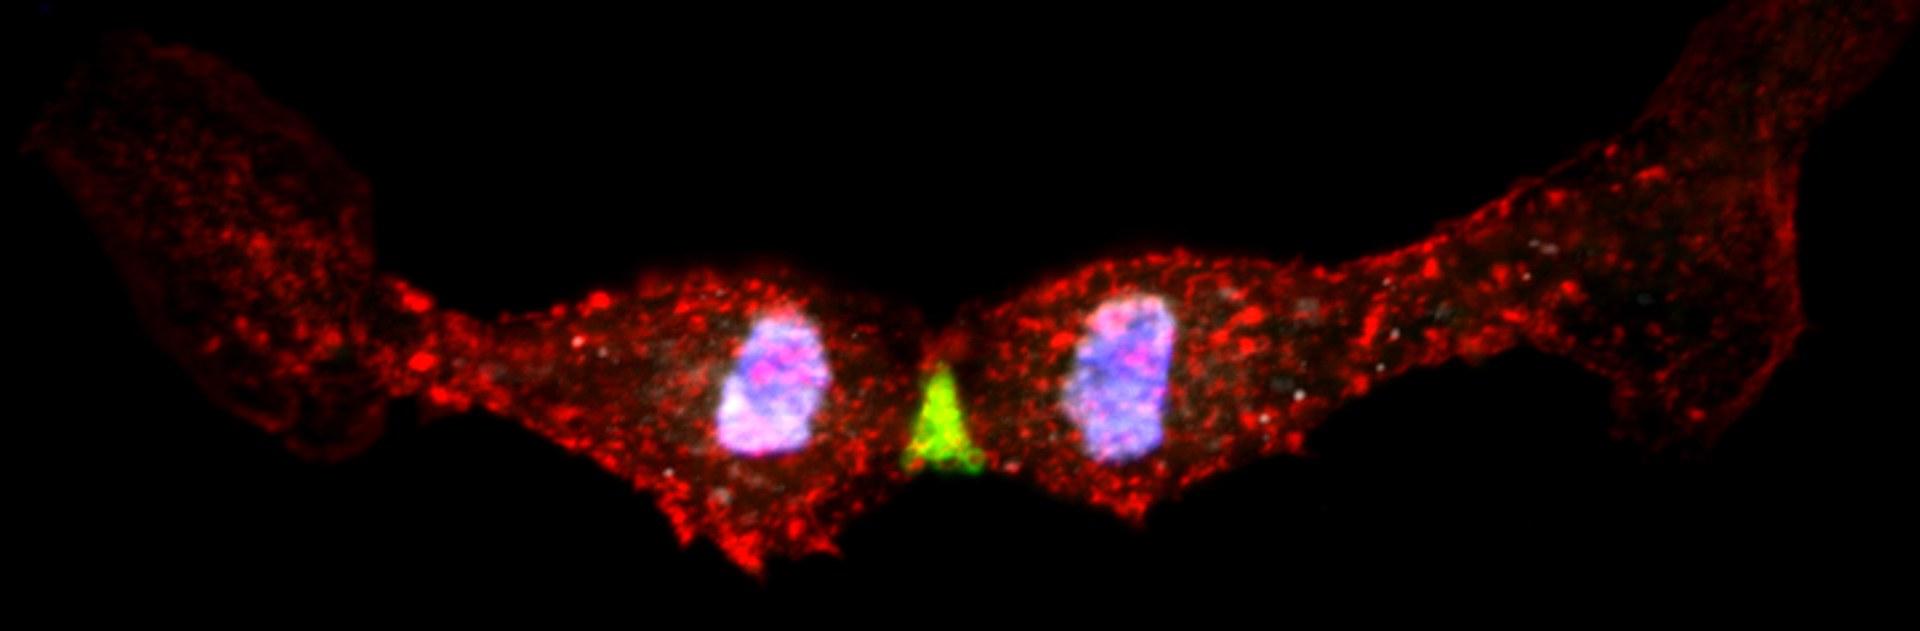 Abbildung einer sich teilenden embryonalen Herzmuskelzelle: